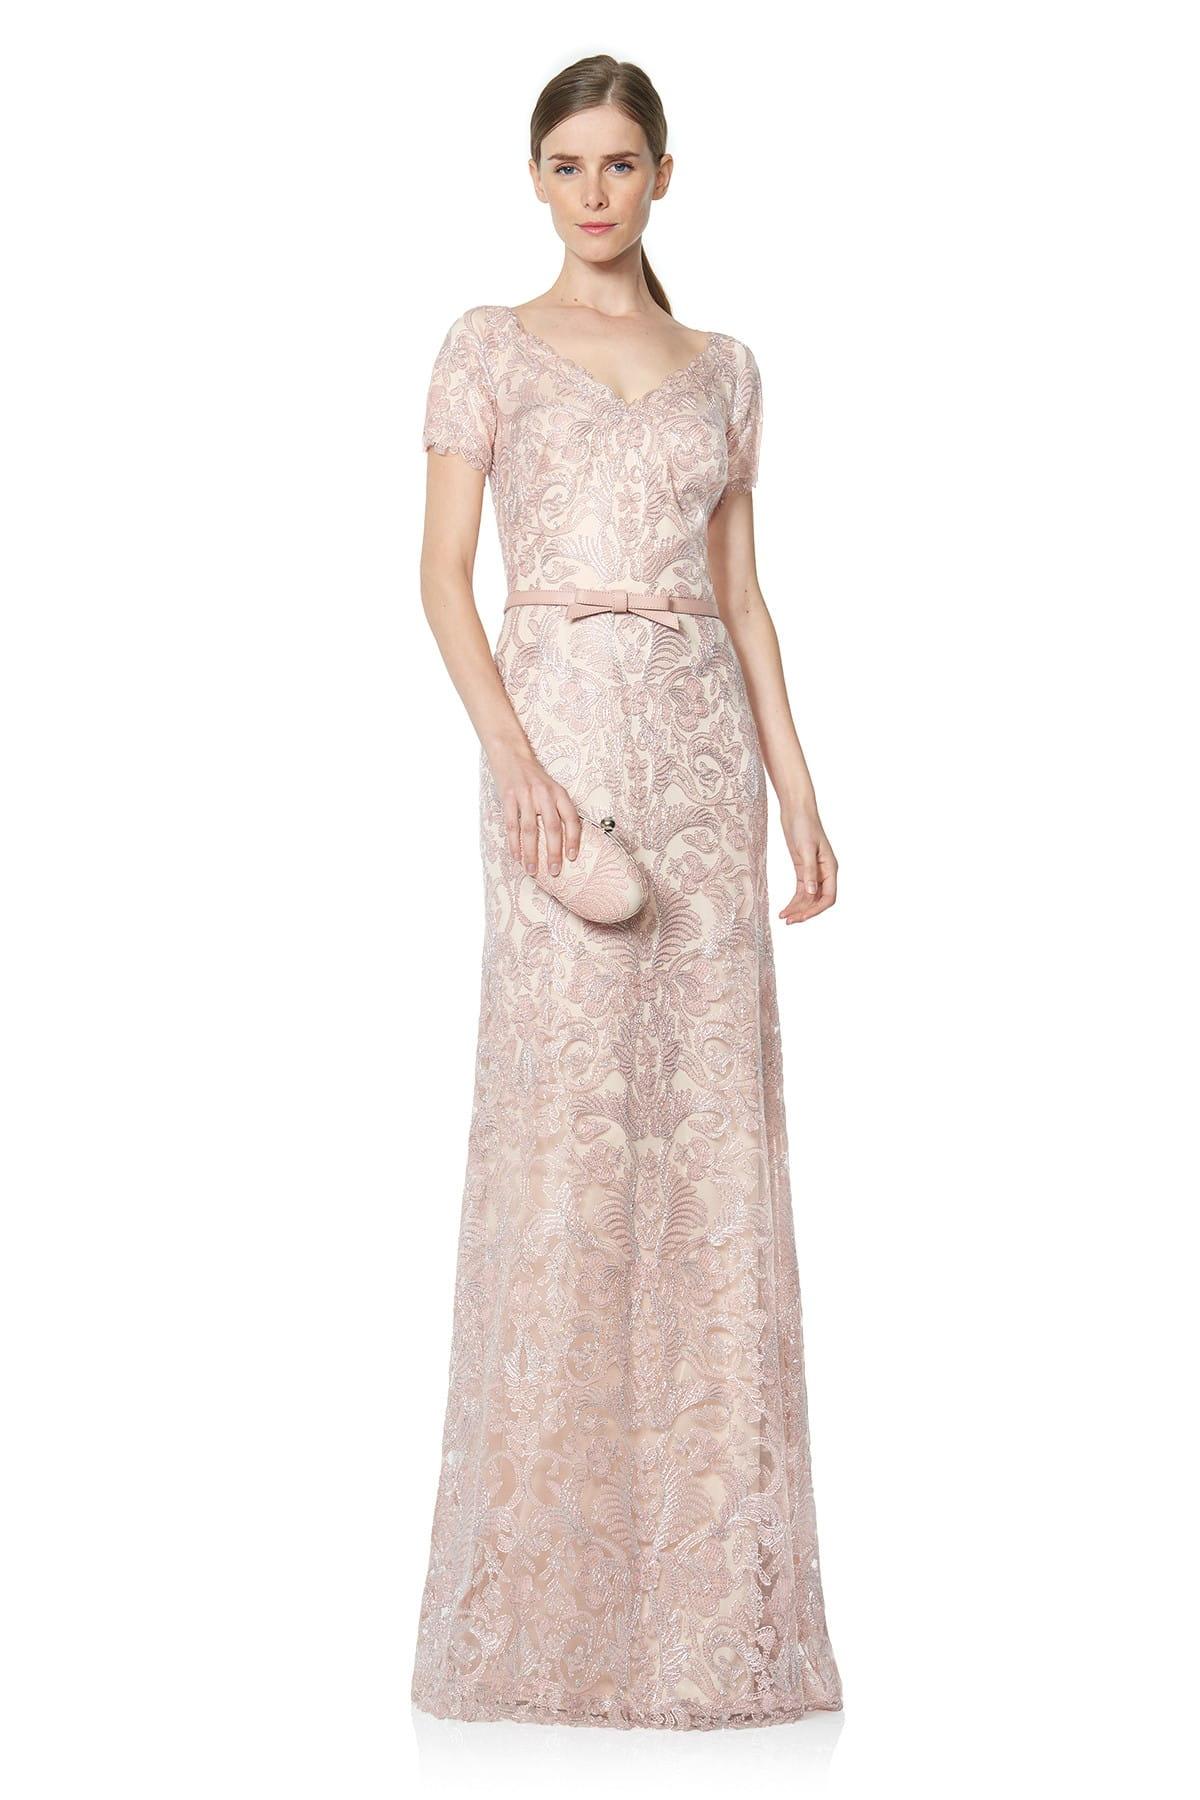 Sukienka cekinowa przeplatany przód beż, sukienki na